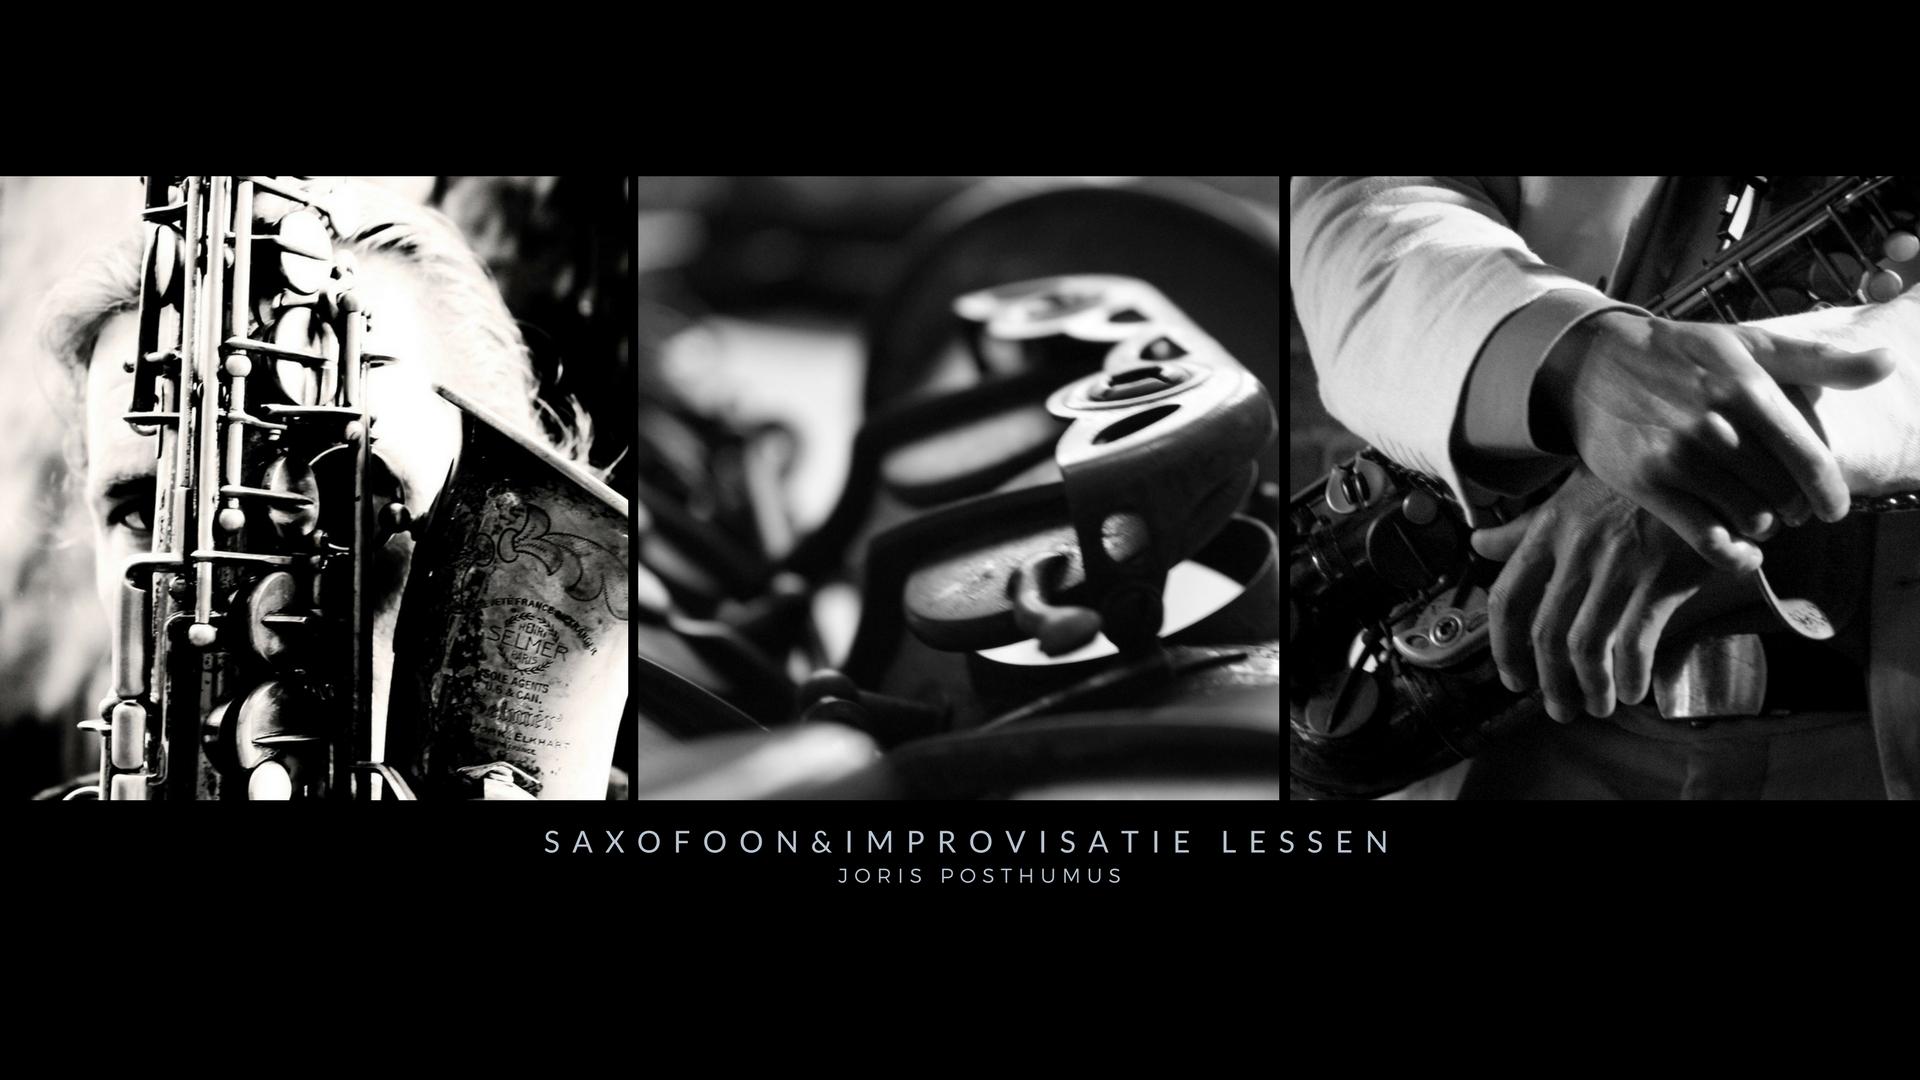 Saxofoonimprovisatie-lessen